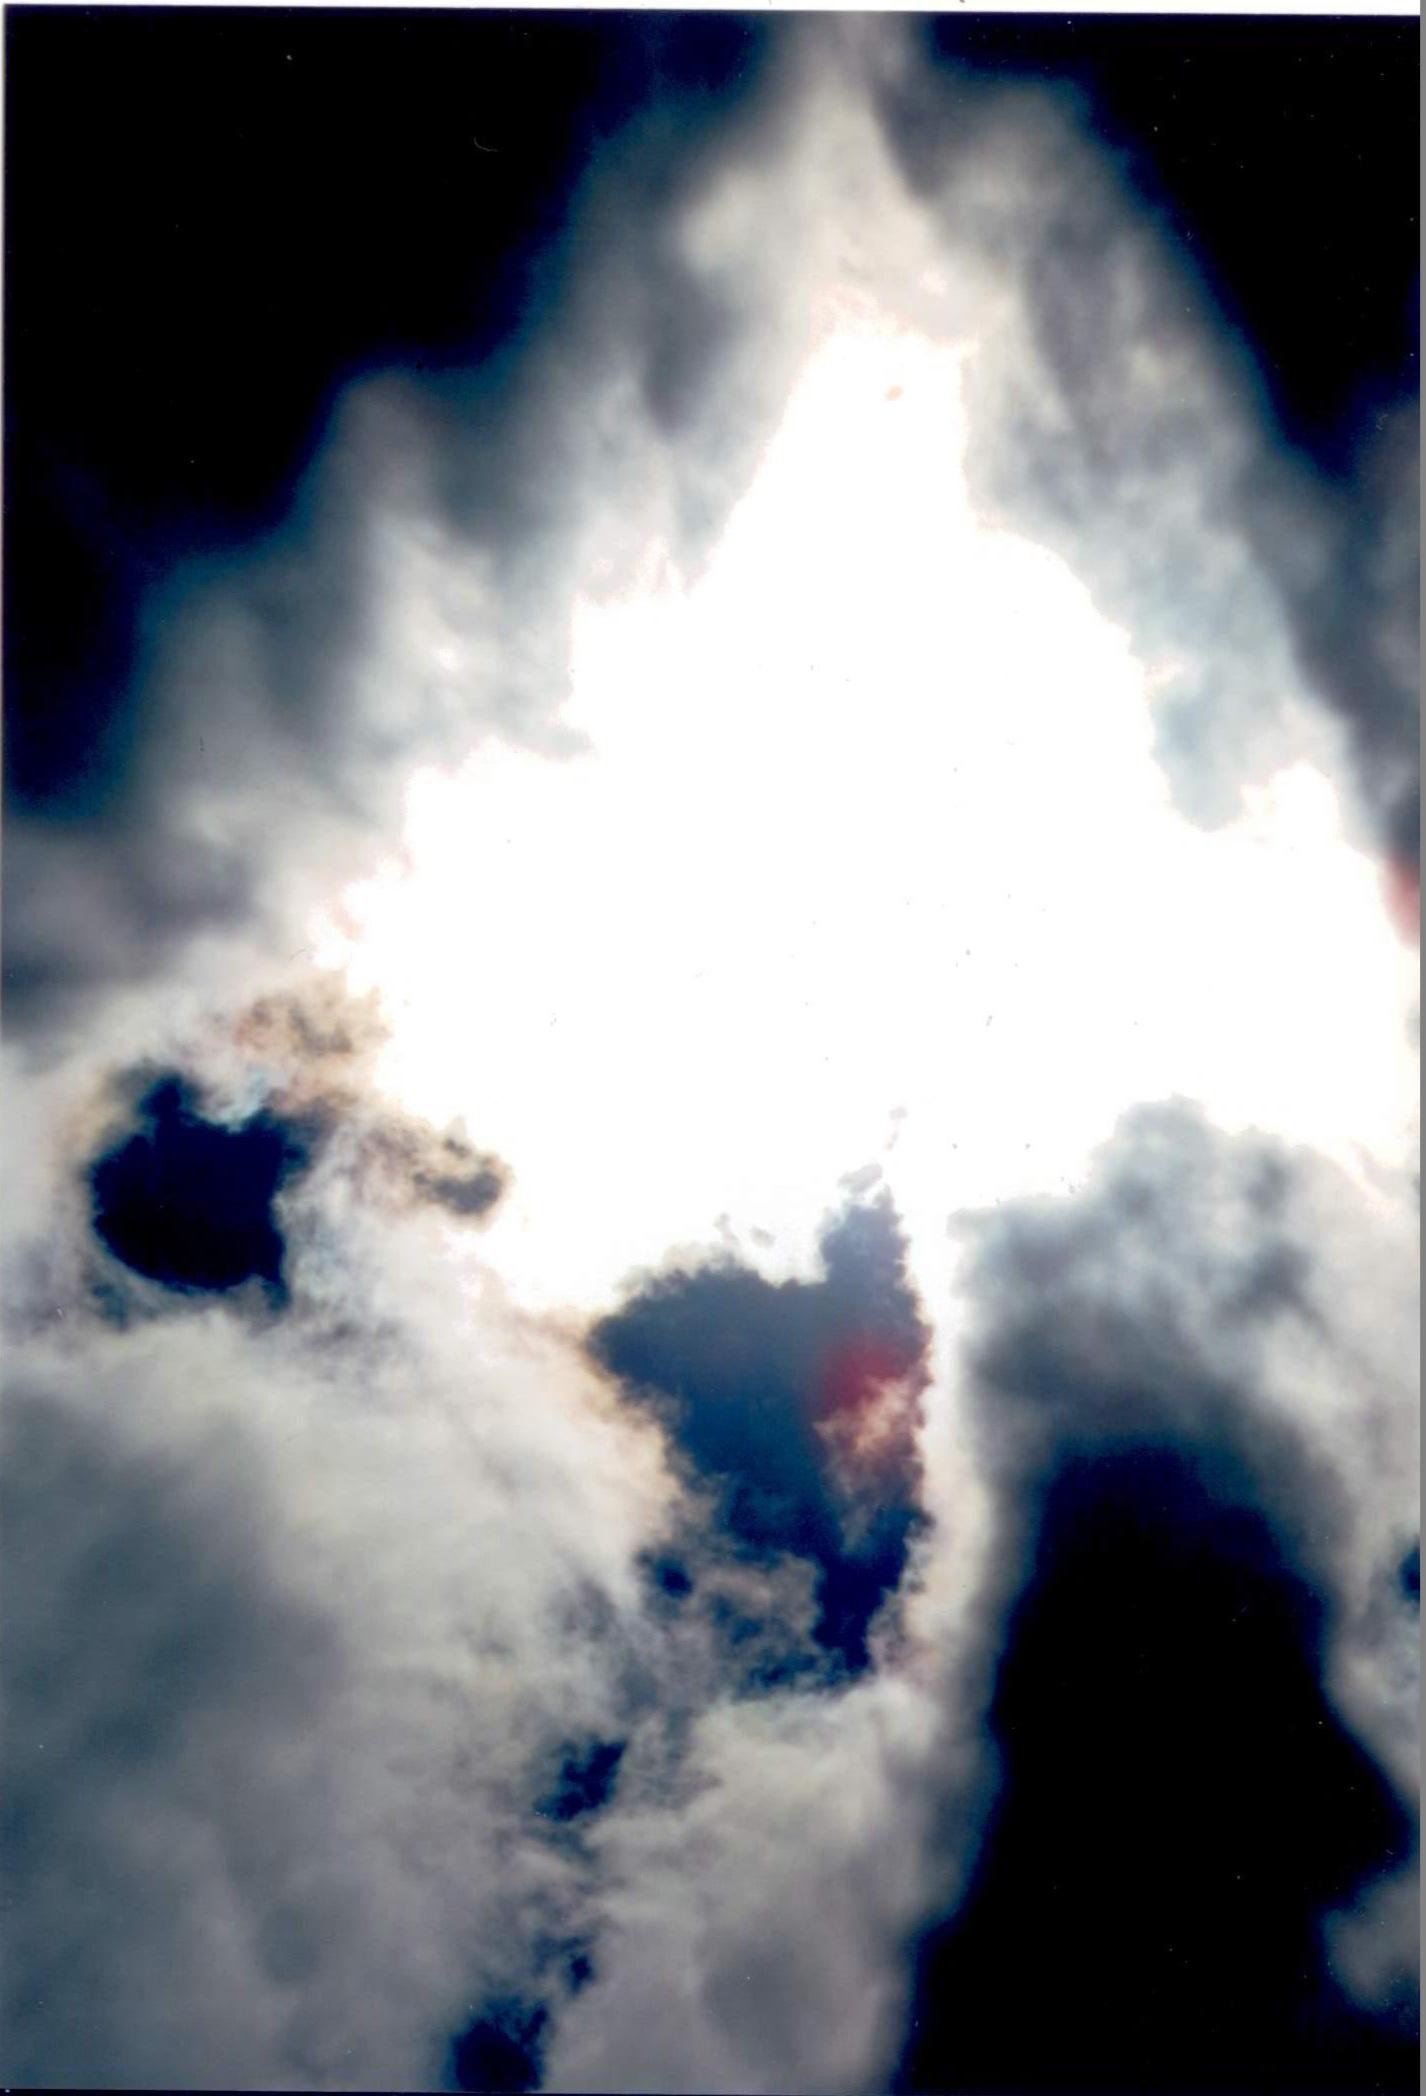 I demoni dei Calimbi non vogliono essere conoscuiti da DIO UNIVERSALE perché hanno fatto del male e si vogliono nascondersi nelle nuvole solari ma non ćè posto e allora sono rimasti fuori con la faccia scoperta.